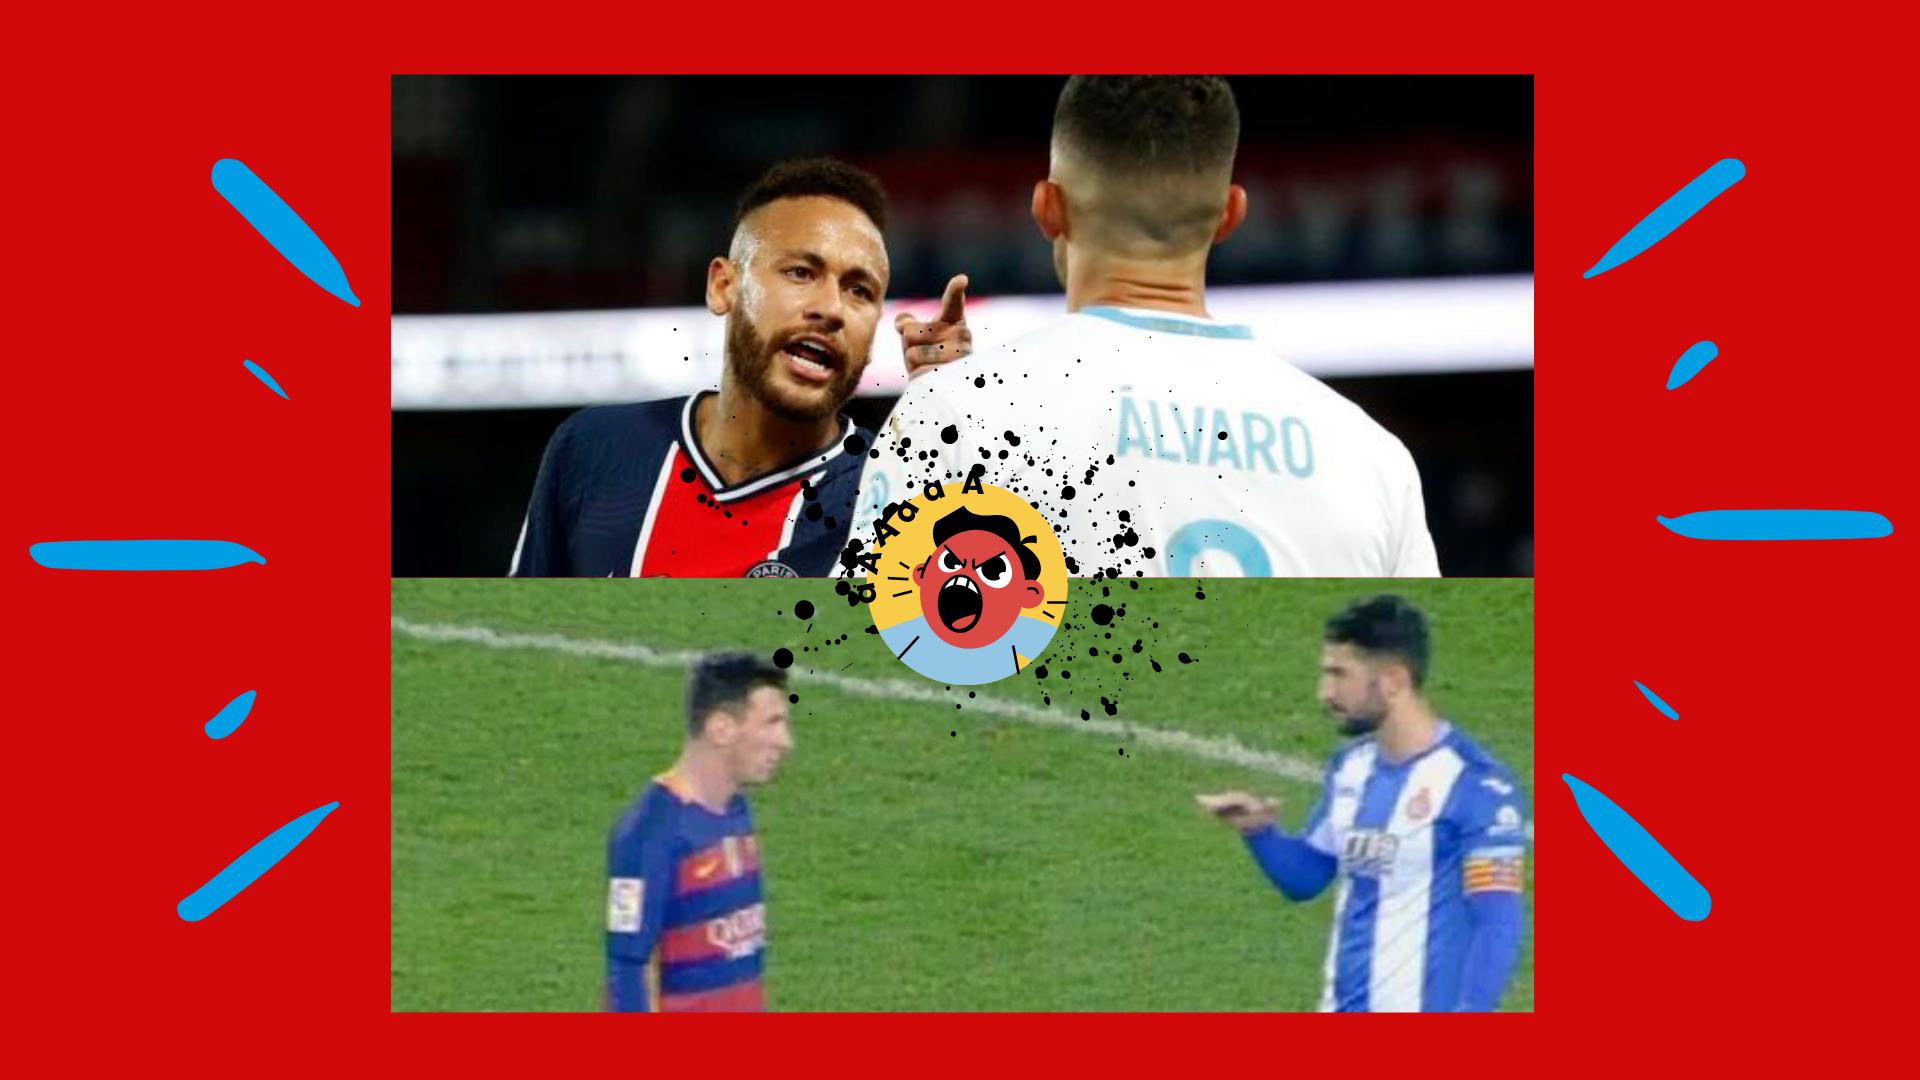 Alvaro, cel care l-a insultat pe Neymar, l-a jignit și pe Messi. Video. Sursă foto: primul11.com